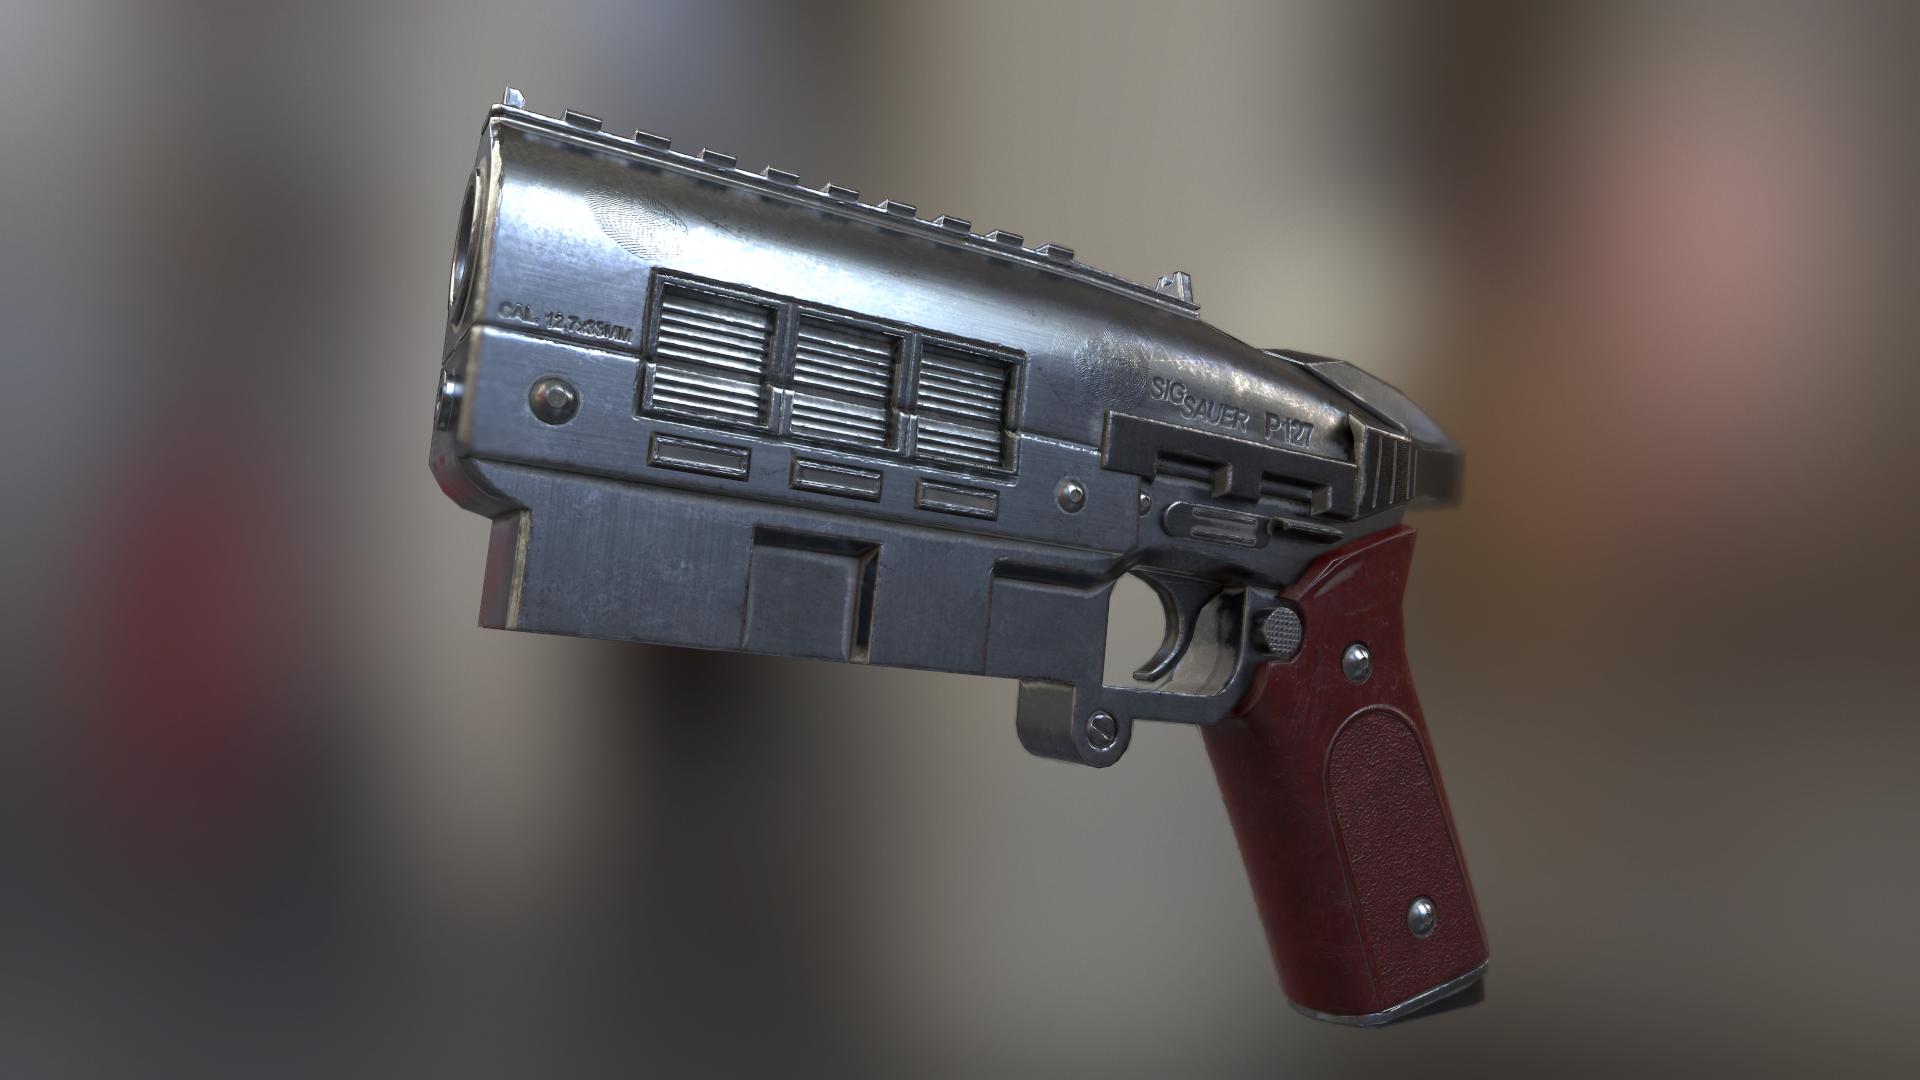 12.7mm Pistol